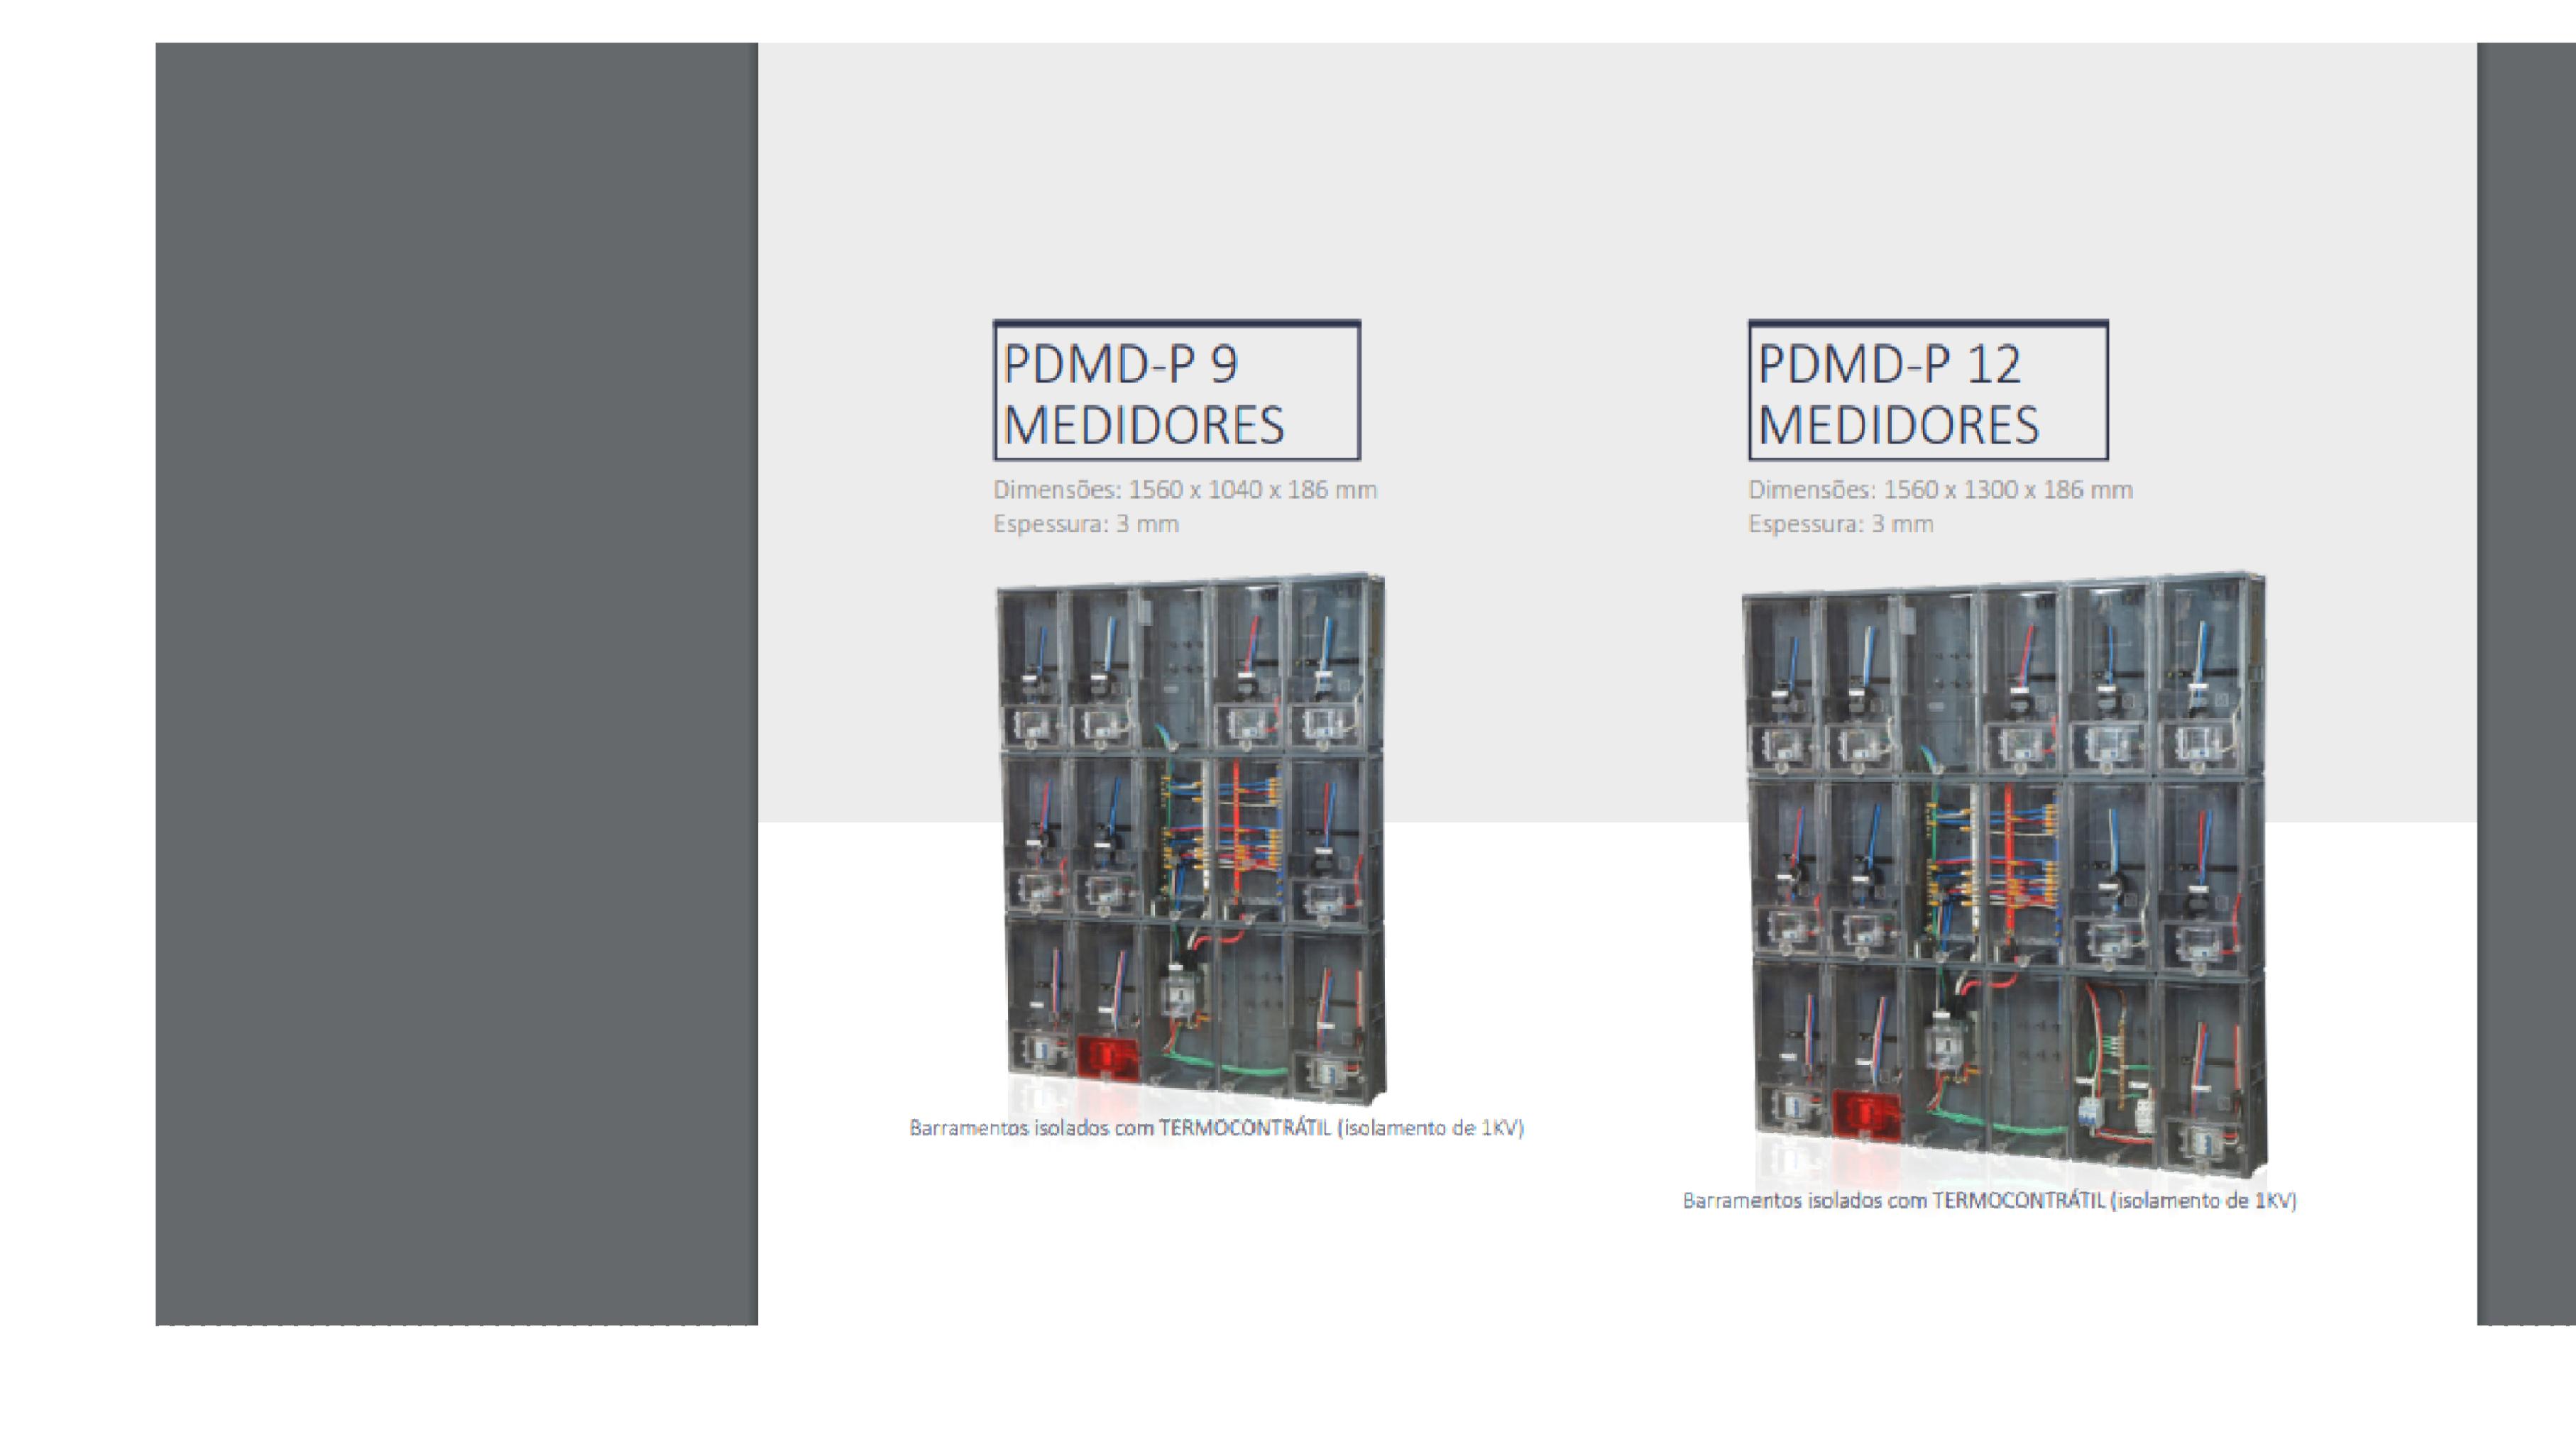 Fotos meramente ilustrativas do padrão com entrada subterrânea. Também temos as opções com entrada aérea Consulte-nos para projetos: PDMD até 24 medidores. PPGP-P, entres outros